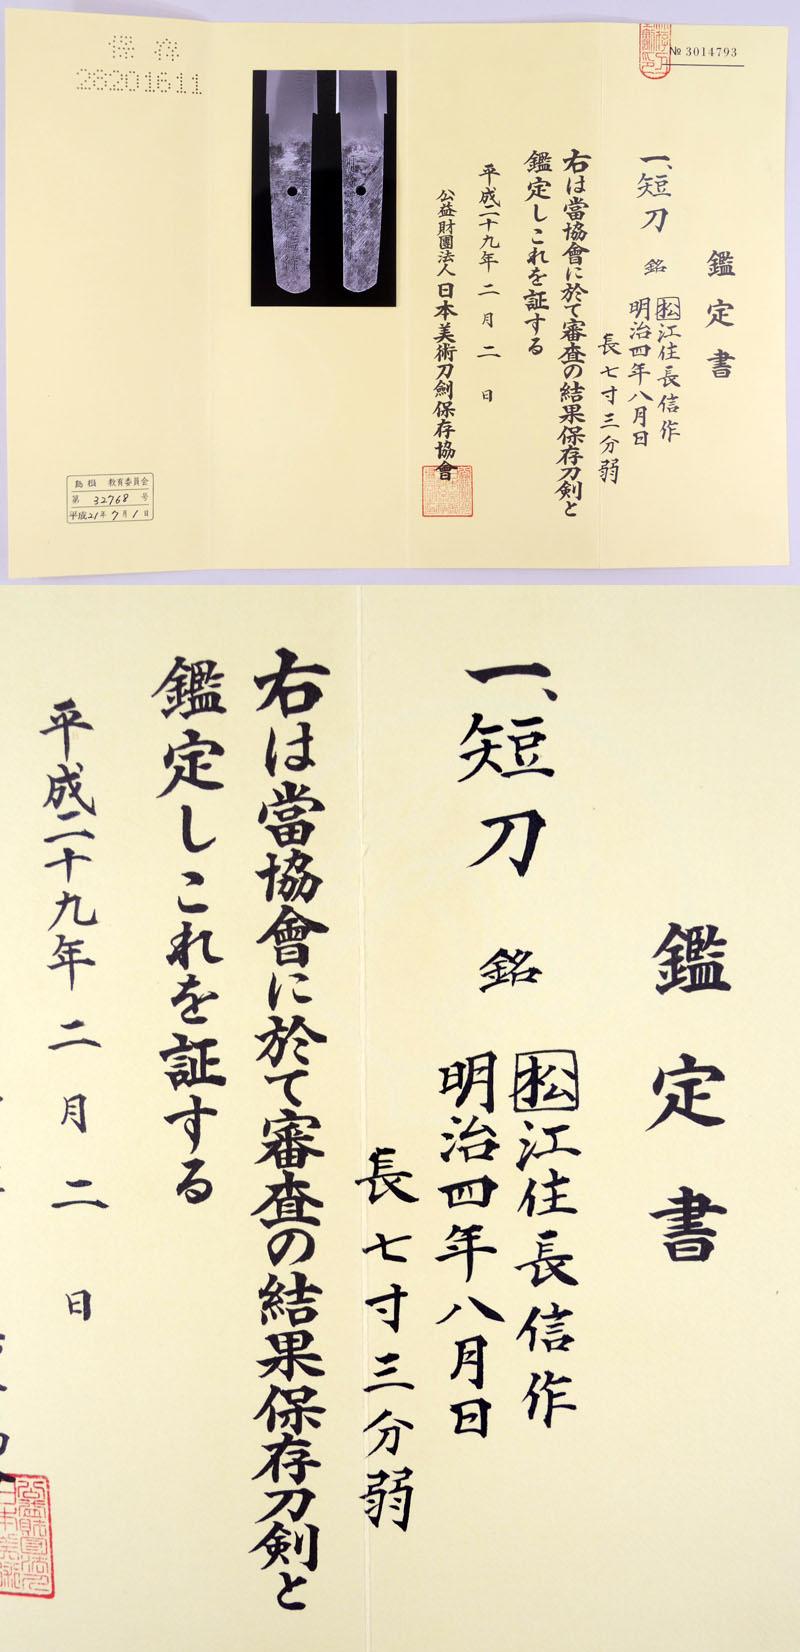 松江住長信作(高橋長信) Picture of Certificate